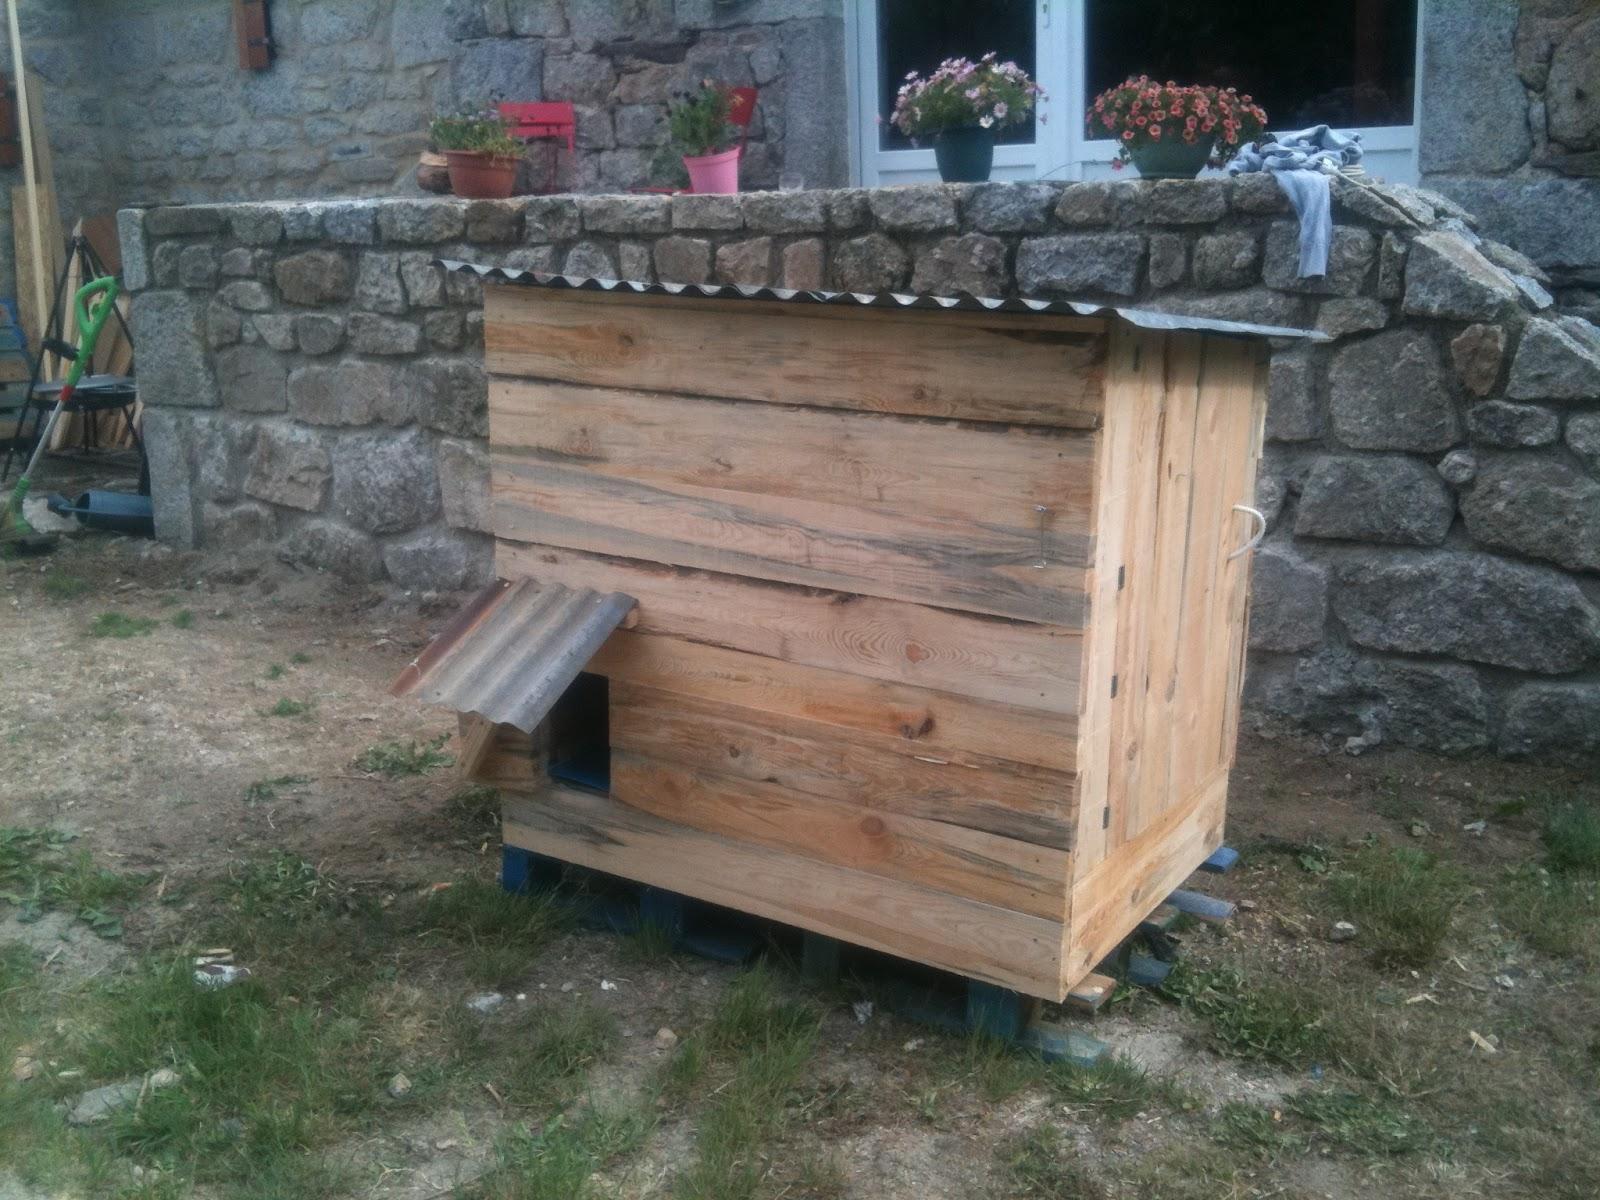 fabriquer une cabane a poule en palette. Black Bedroom Furniture Sets. Home Design Ideas